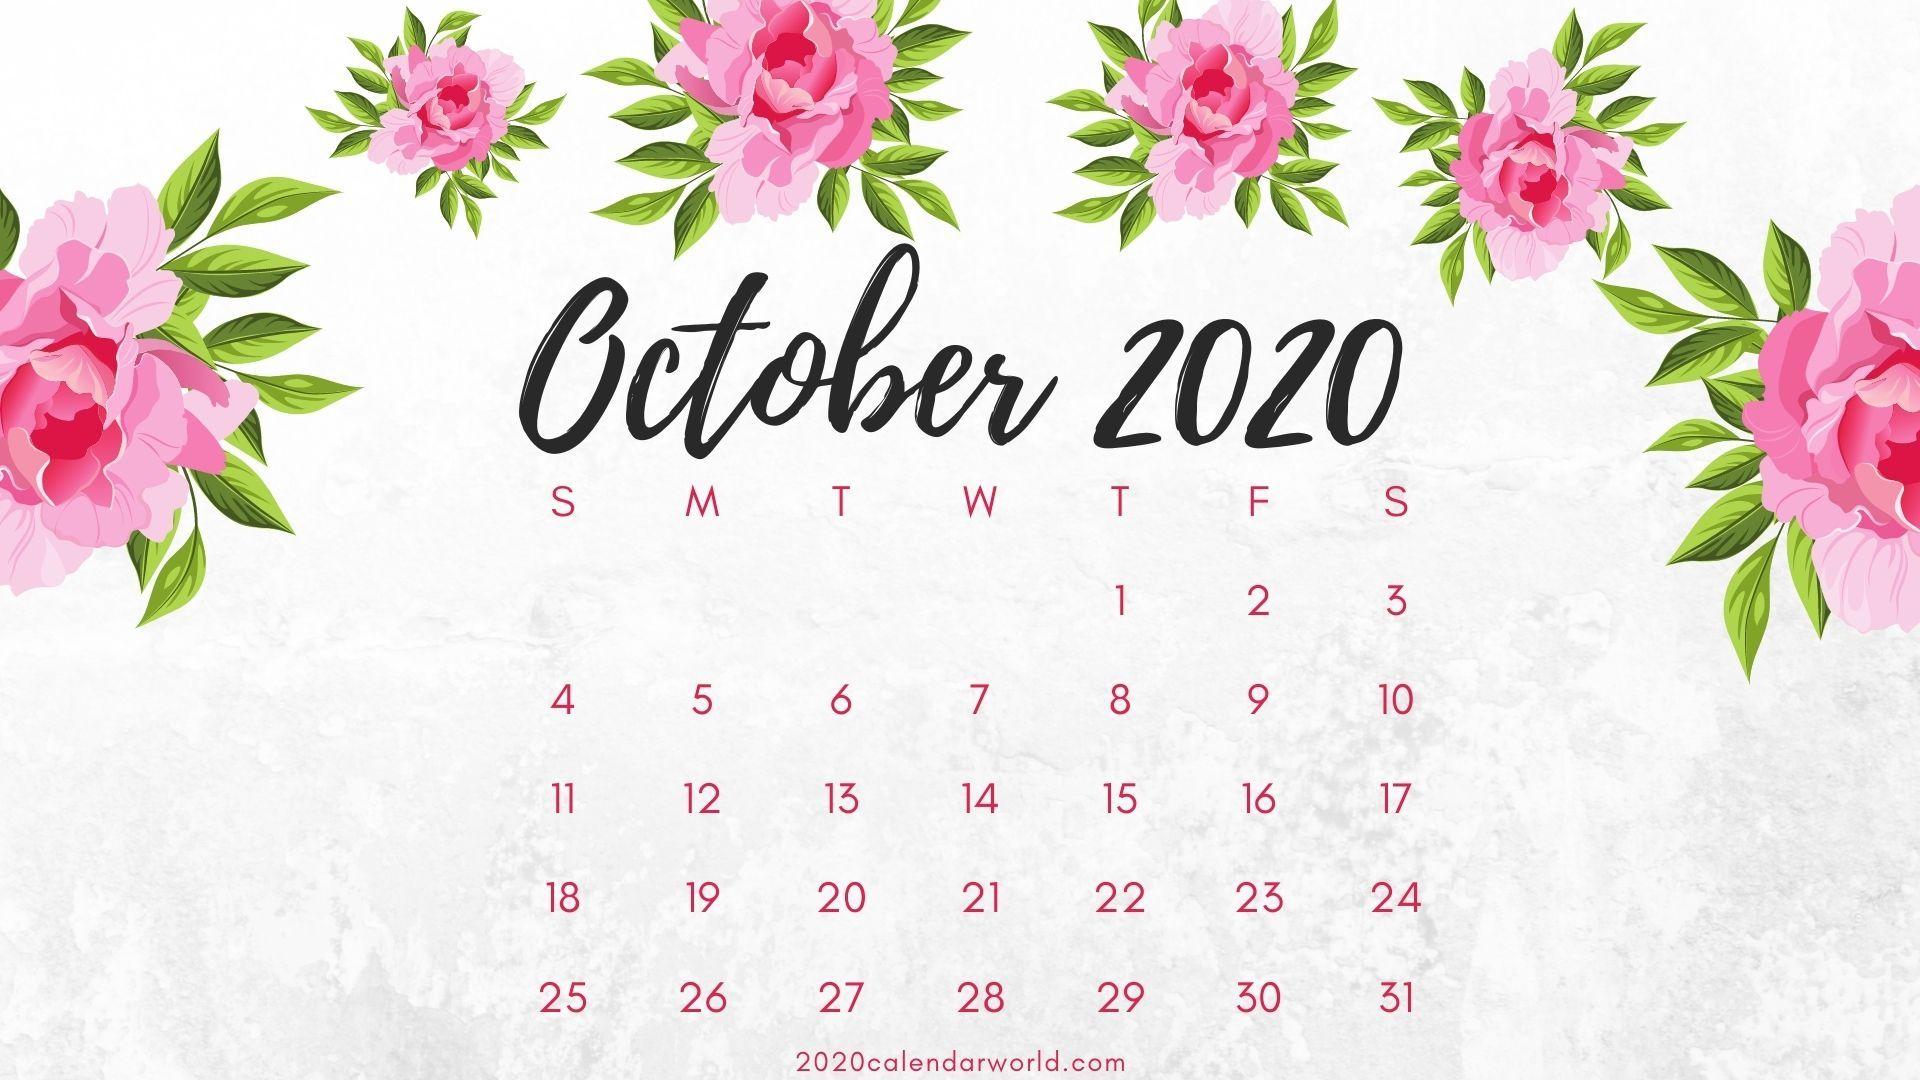 Floral October 2020 Desk Calendar Free Download Desk Calendars Flower Calendar Cute Calendar